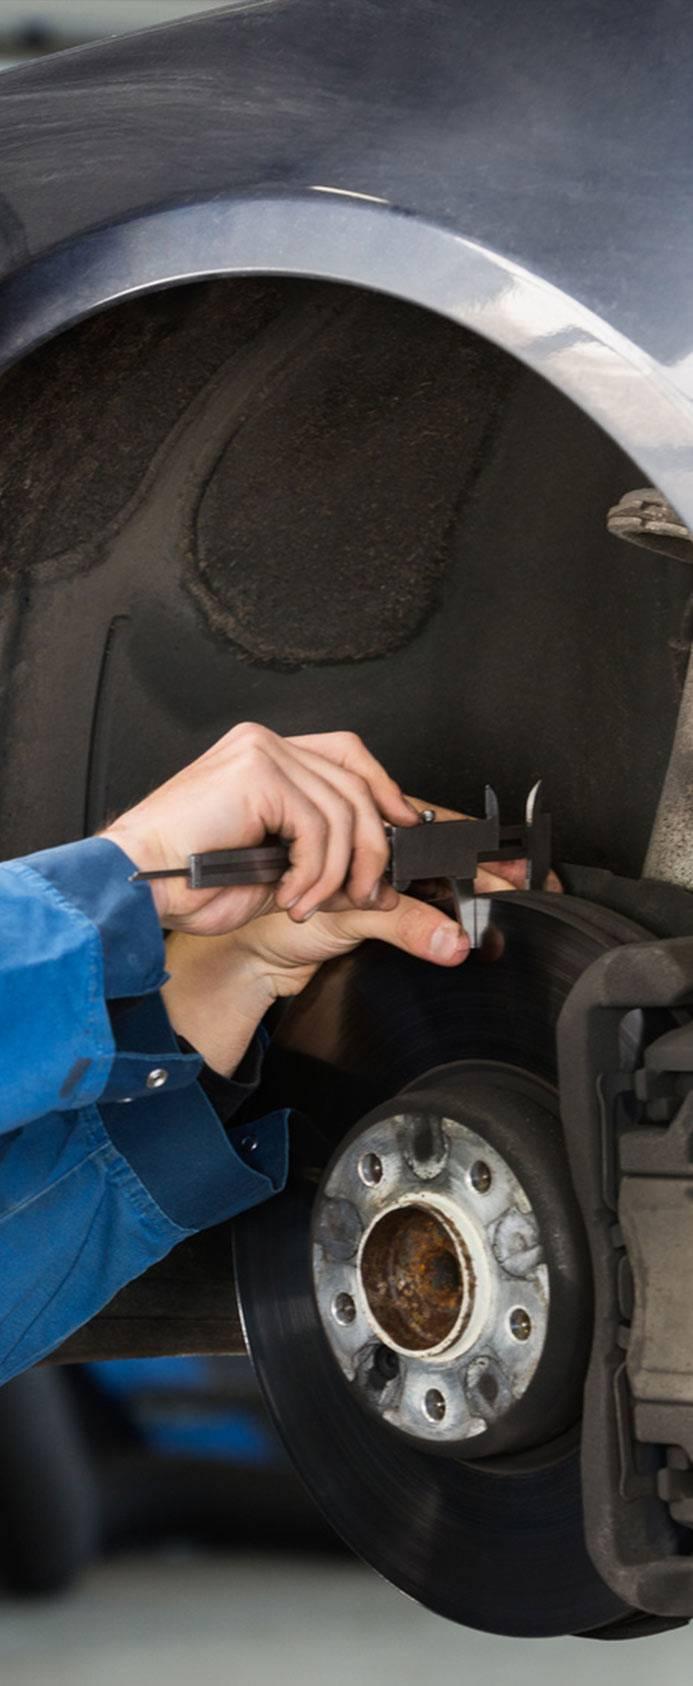 mechanic measuring car brakes